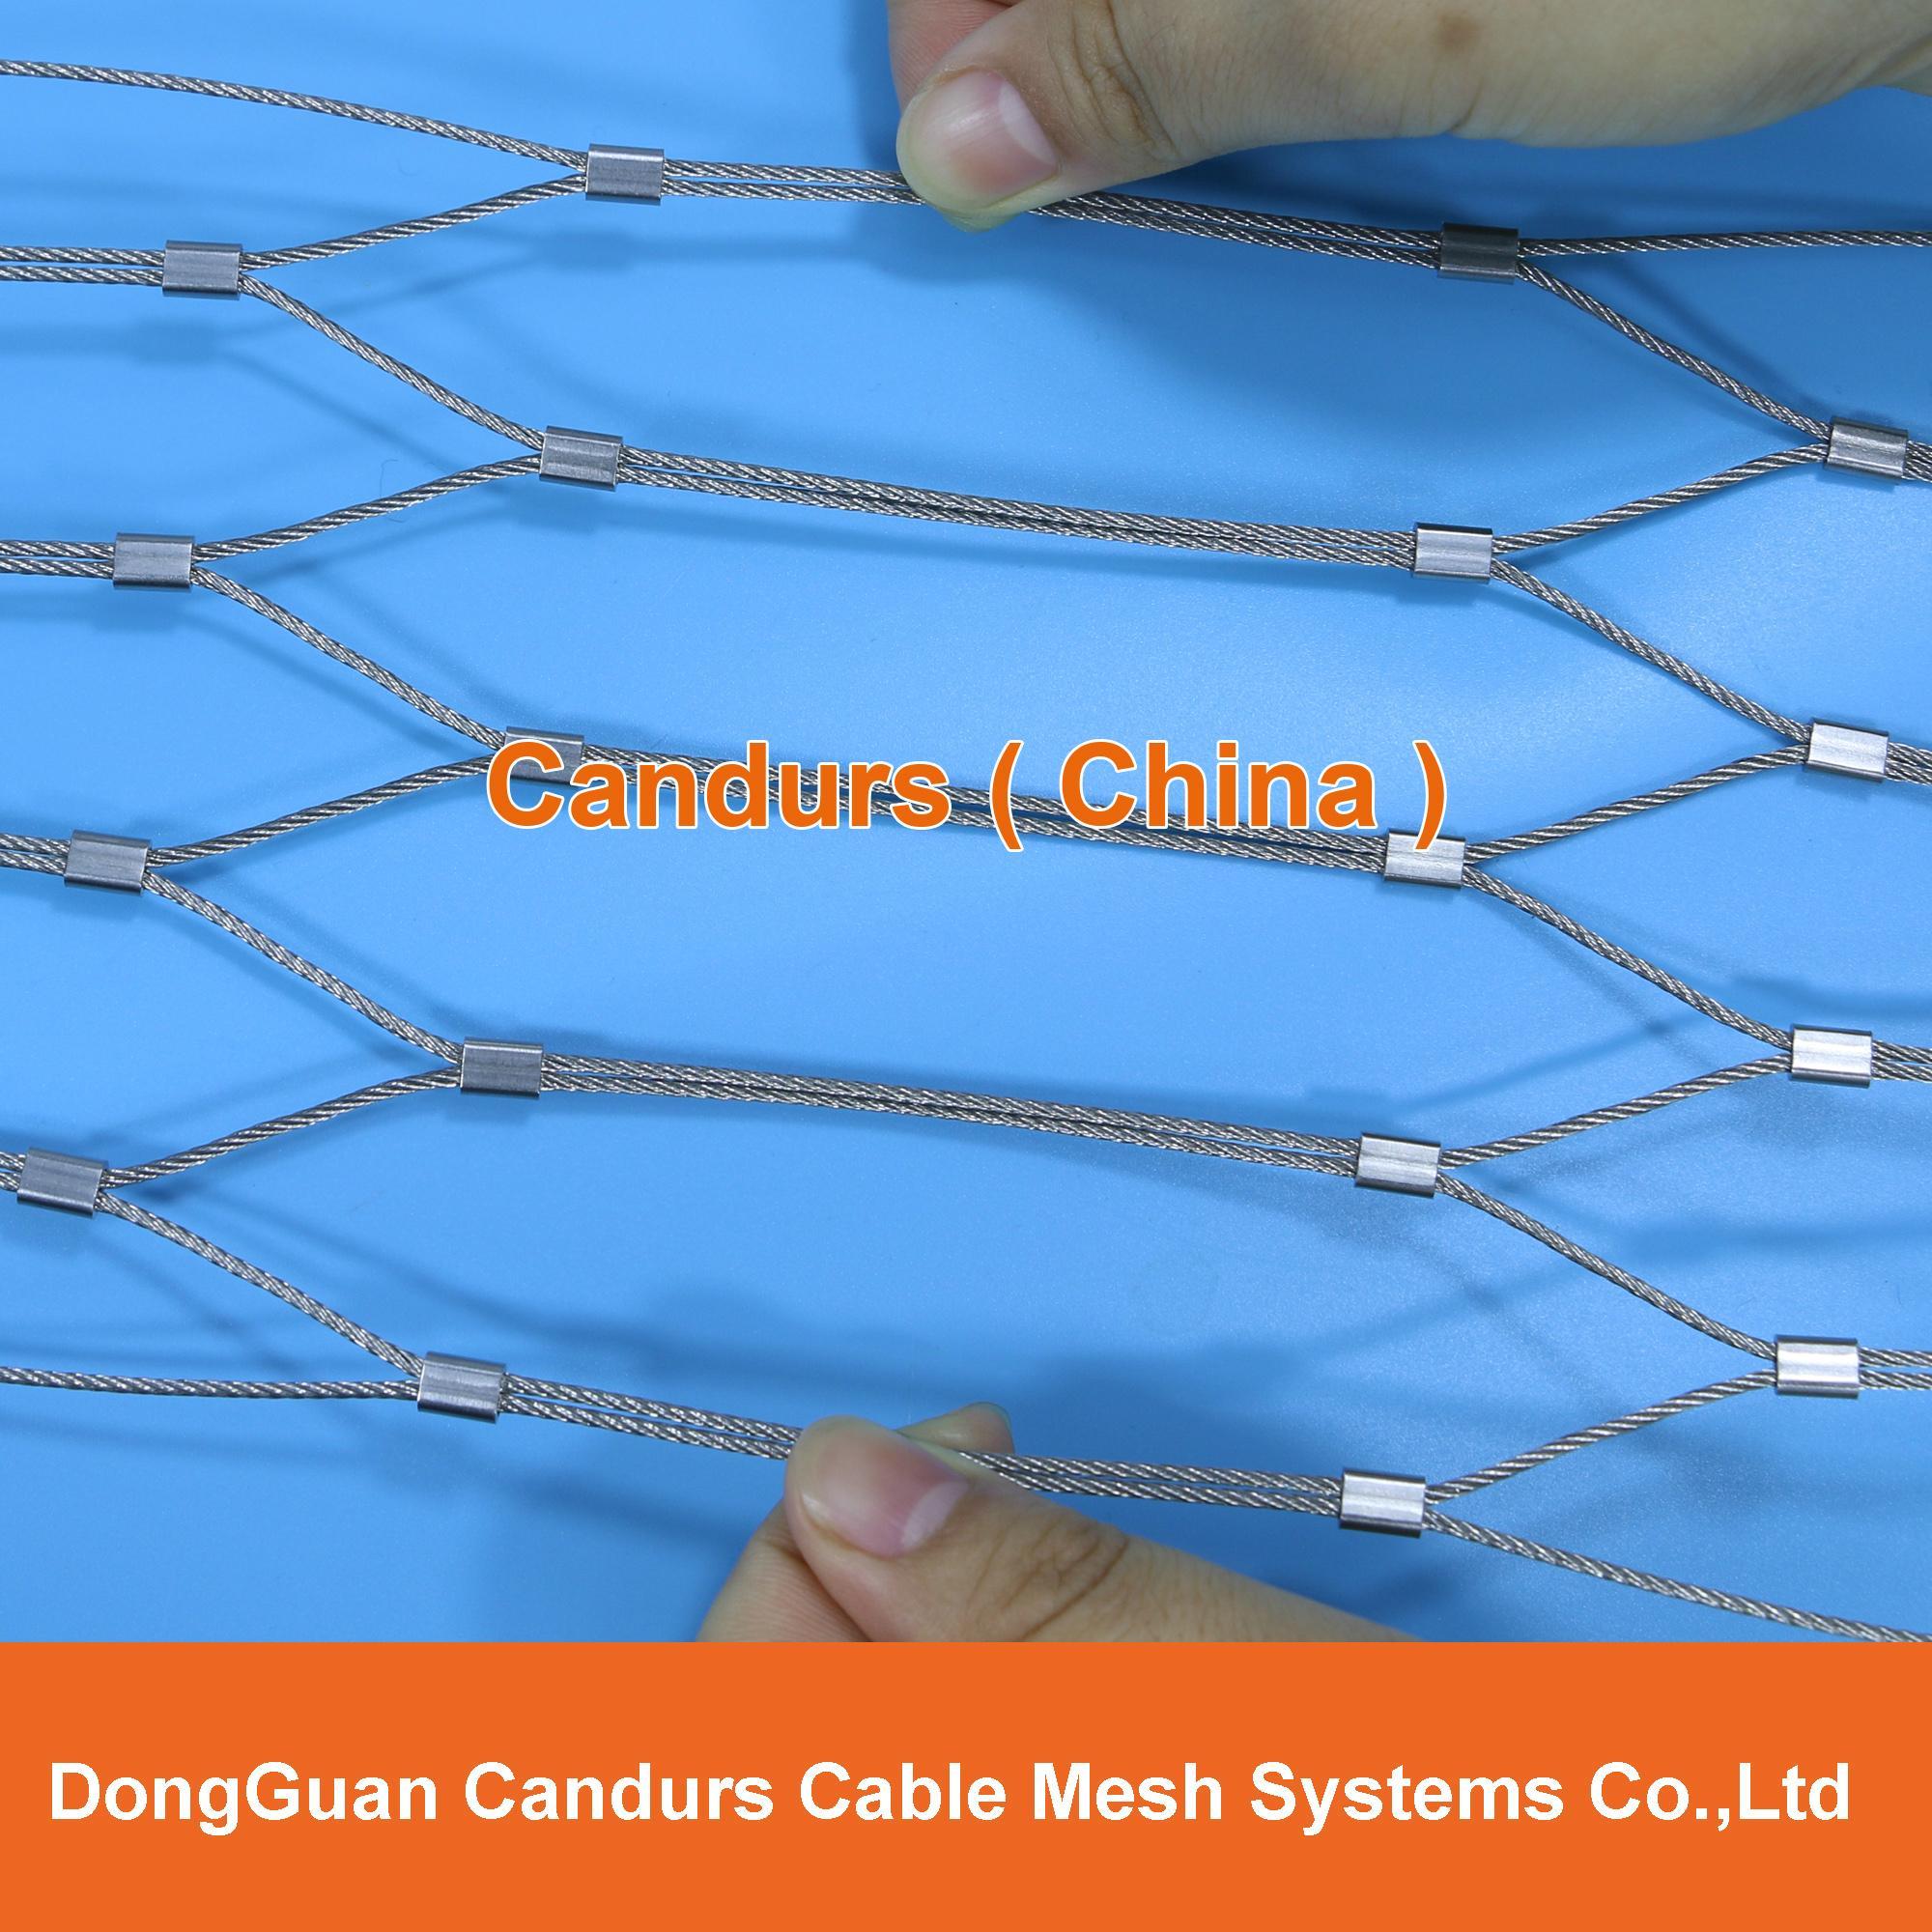 柔性不锈钢扶手栏杆防护网 14